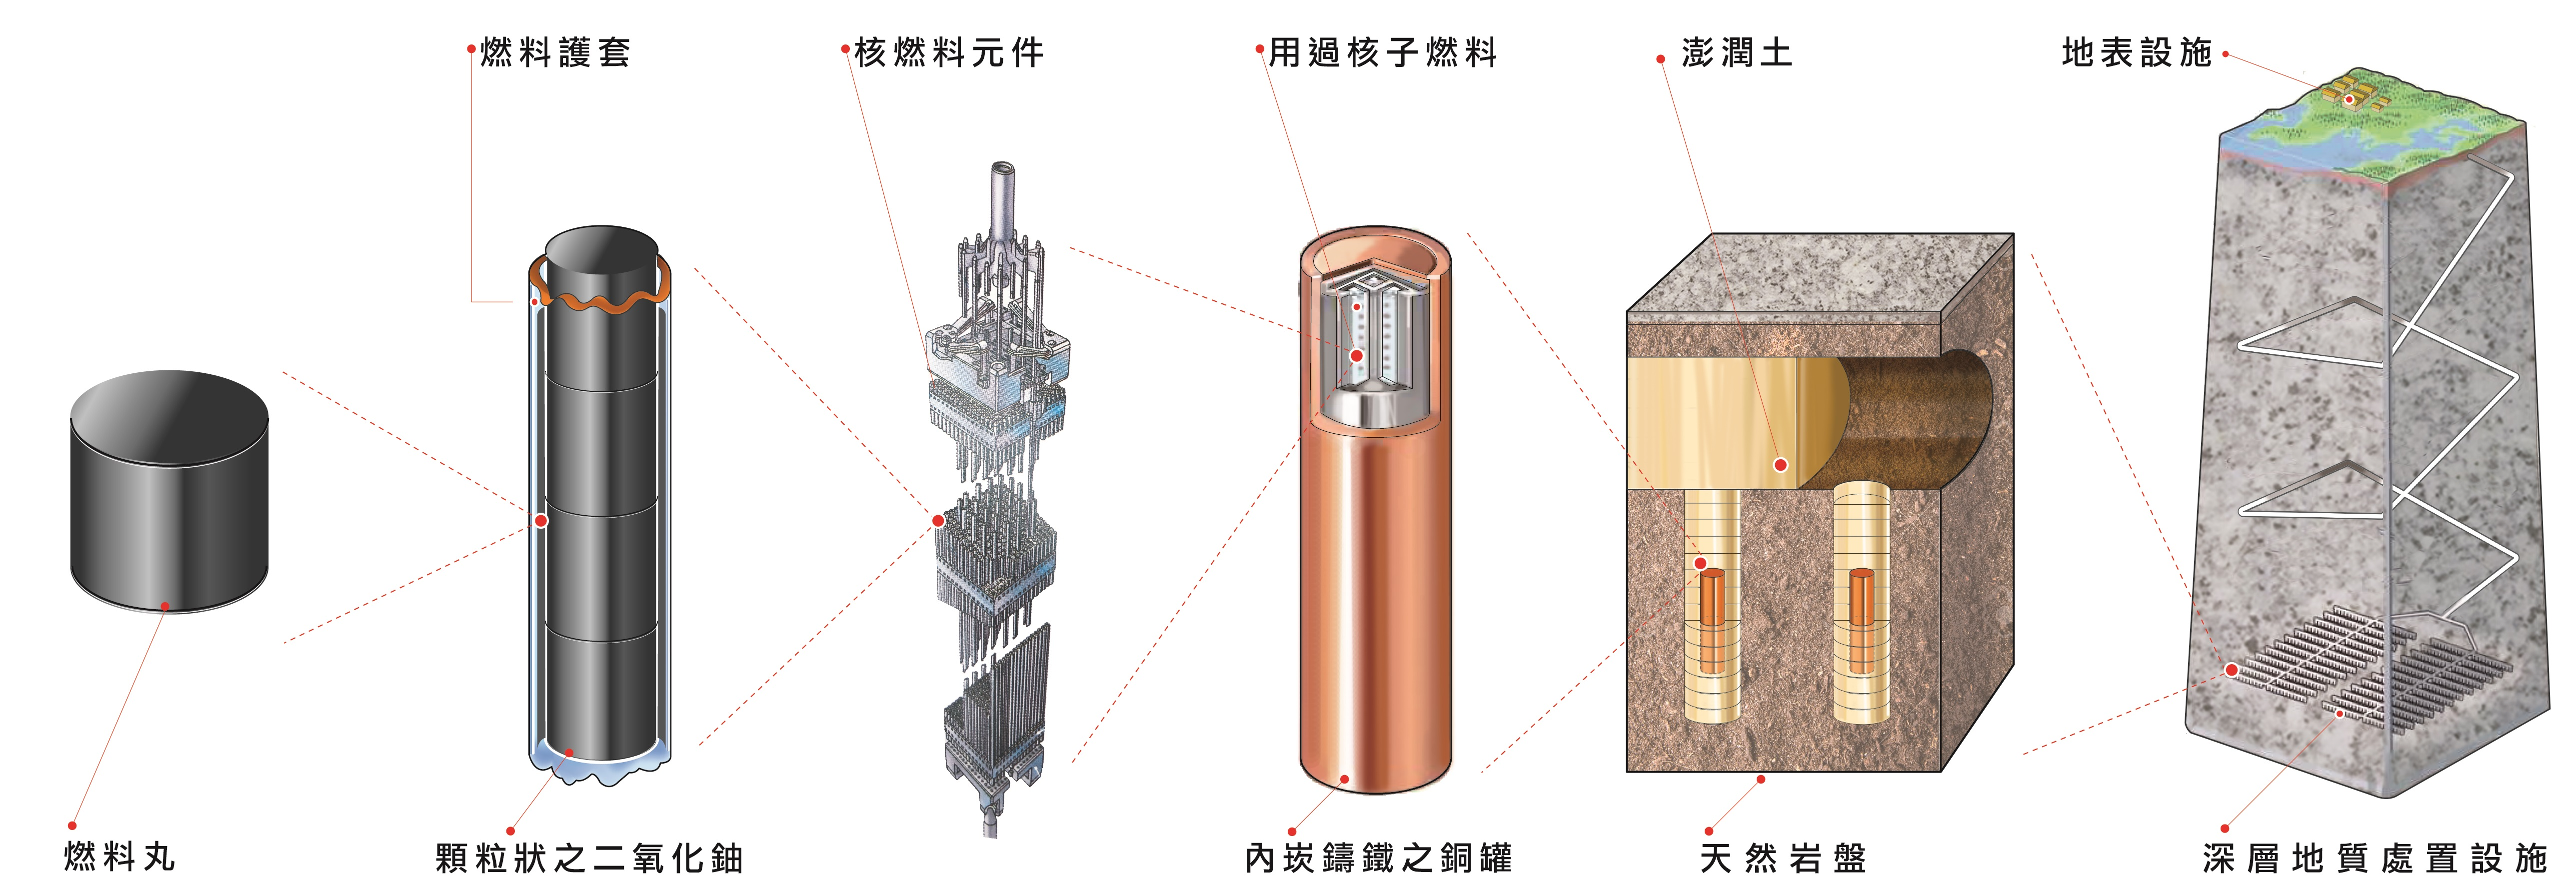 用過核子燃料多重障壁系統圖